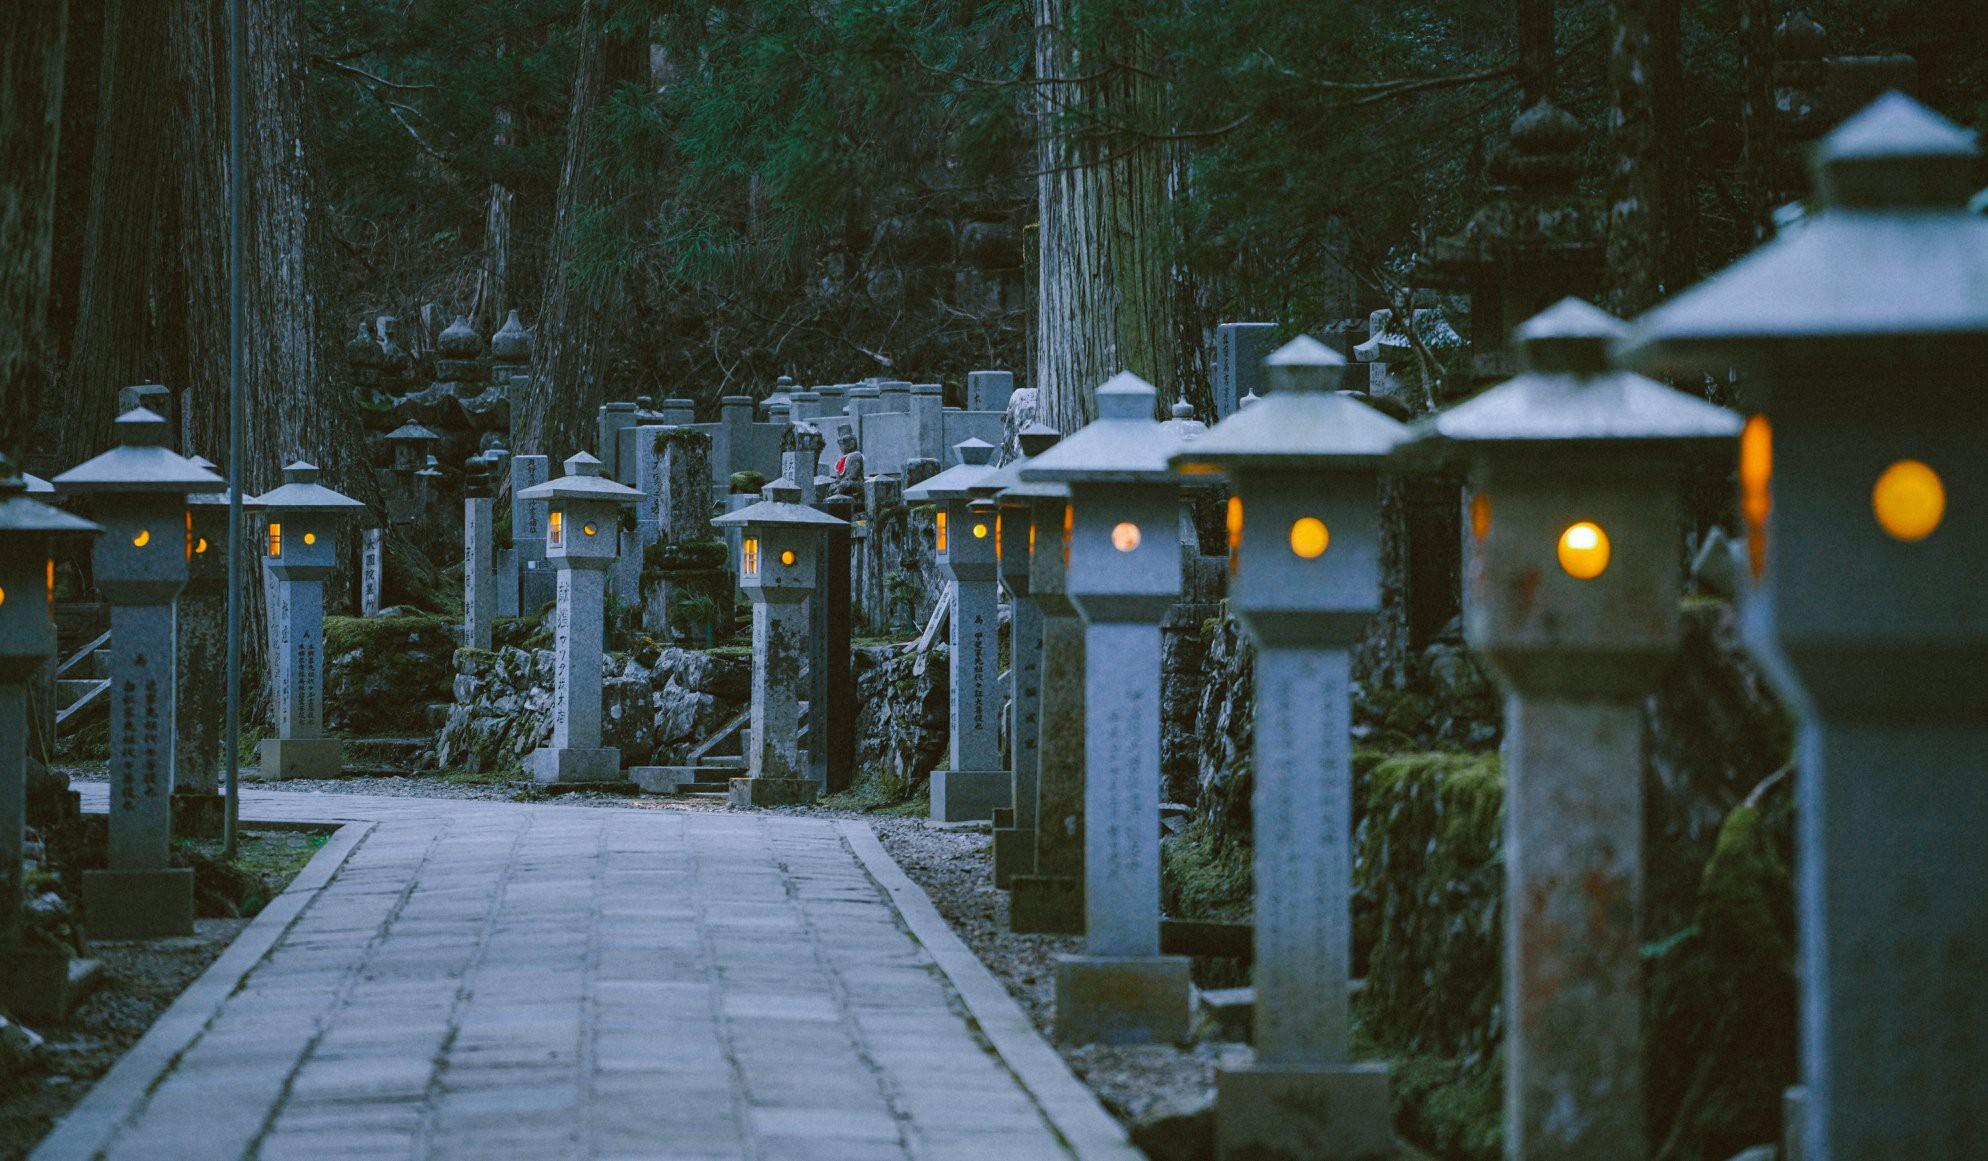 Khám phá Nghĩa trang Okunoin: Nơi được mệnh danh thánh địa thiêng liêng nhất Nhật Bản, có 5000 chiếc lồng đèn không bao giờ tắt - Ảnh 4.